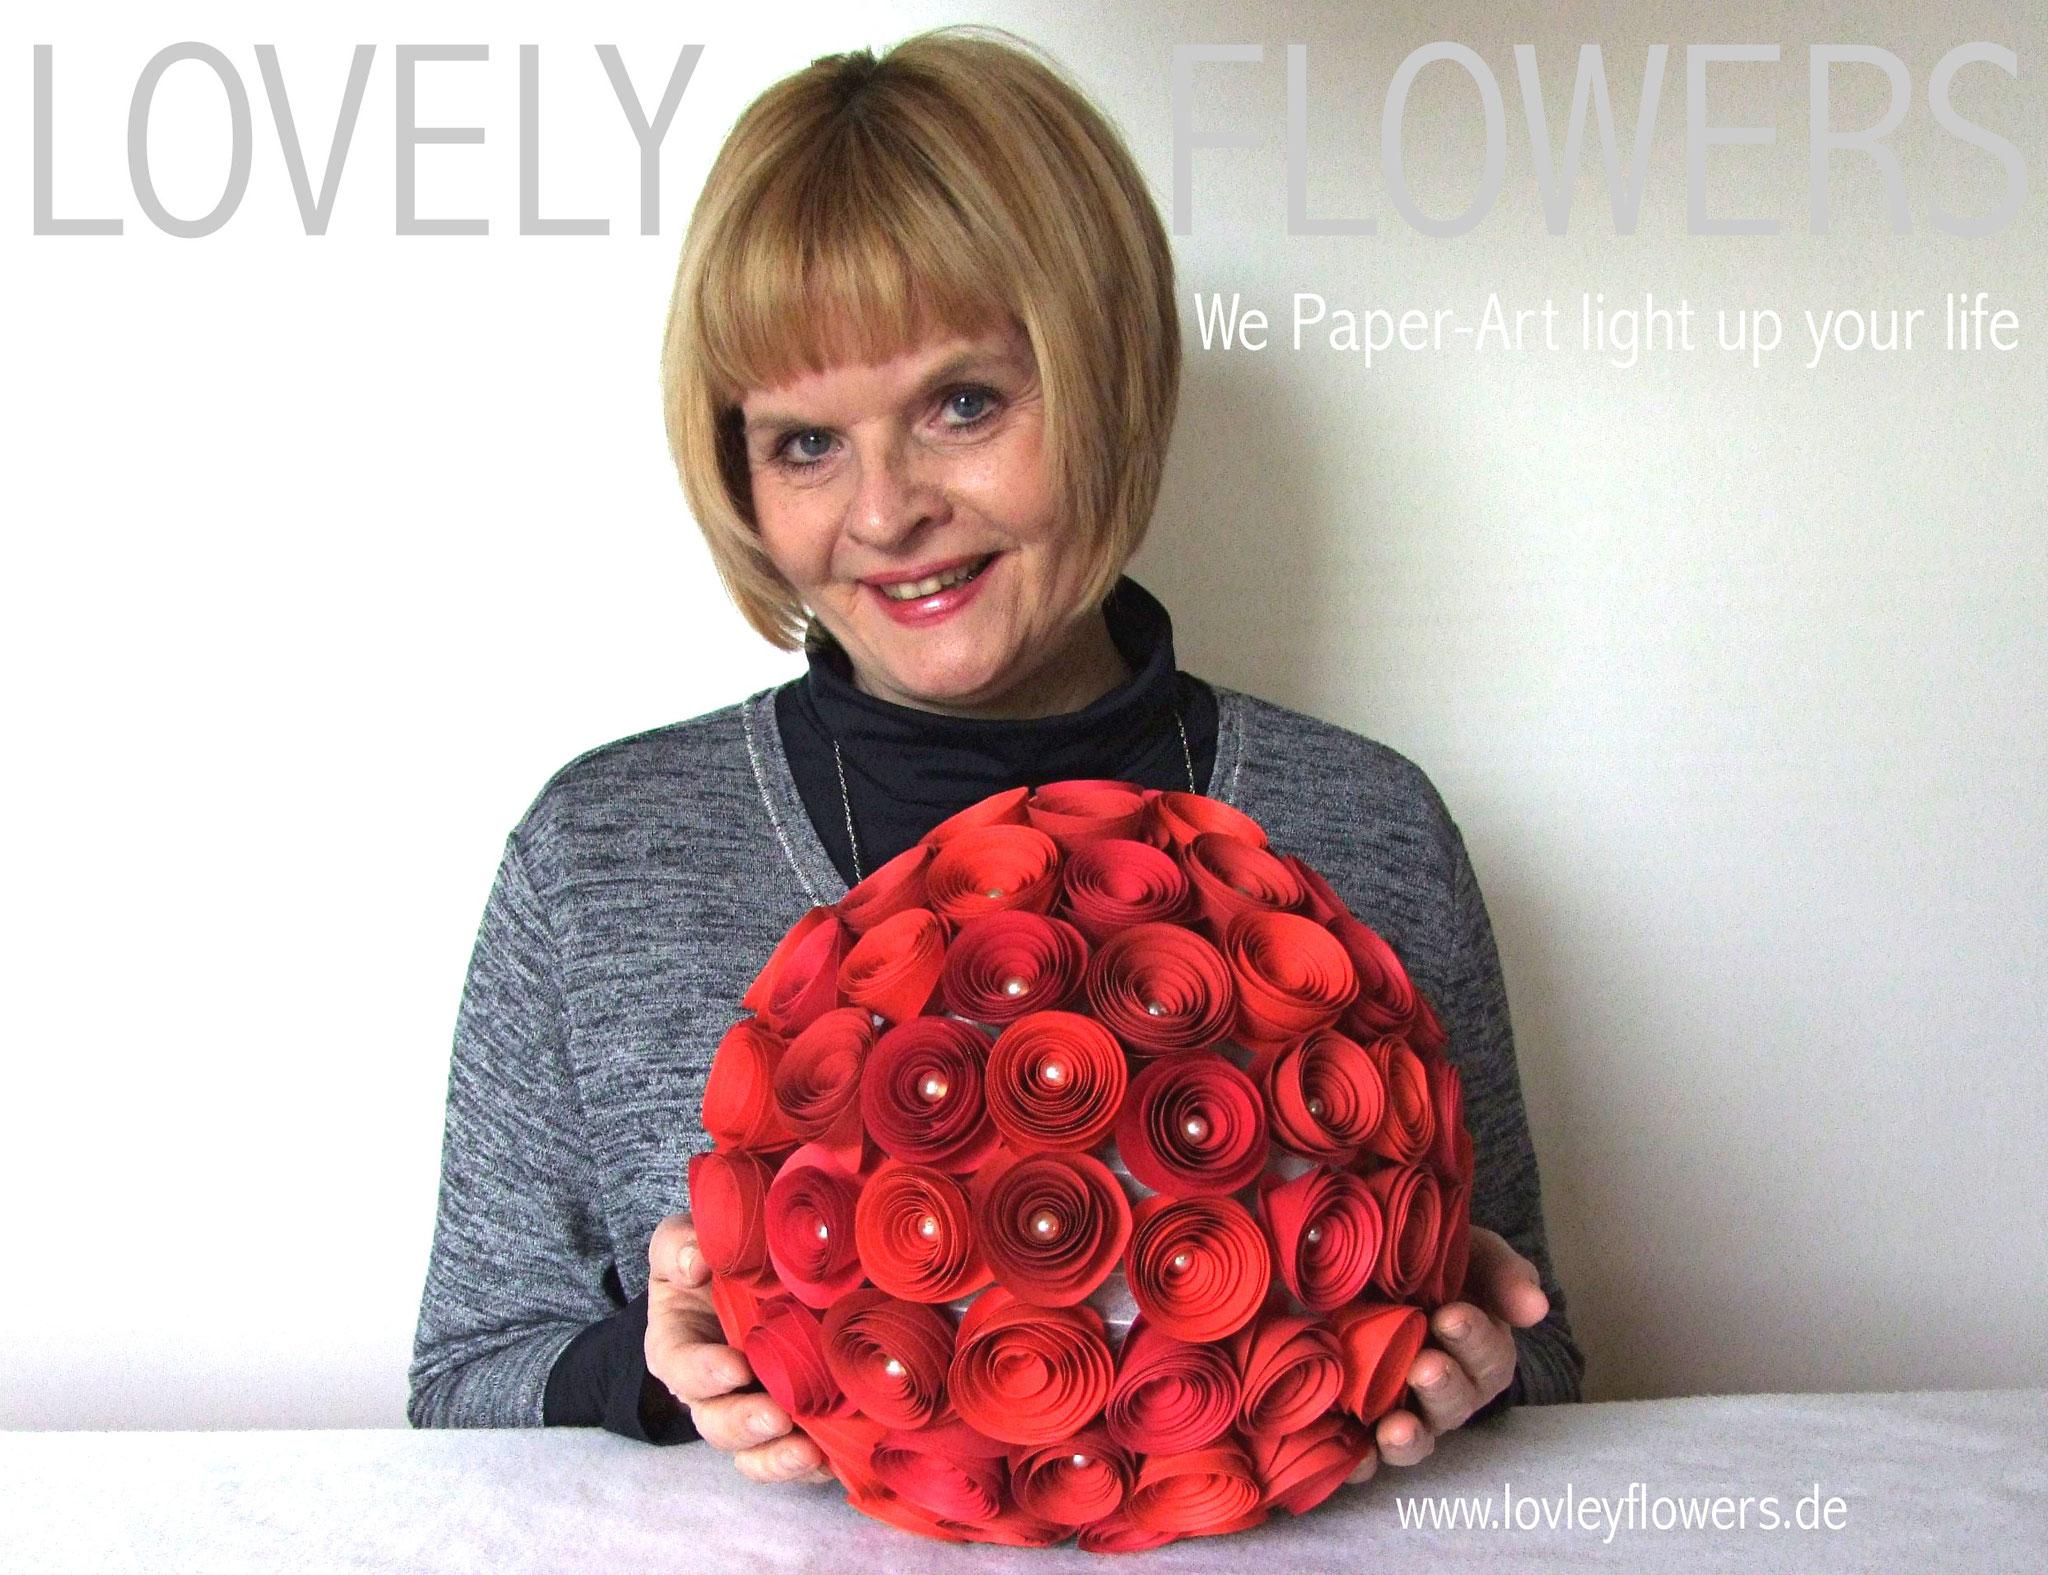 www.lovelyflowers.de - Paper Art Lampen gibts als Dekokugeln von S-XL!